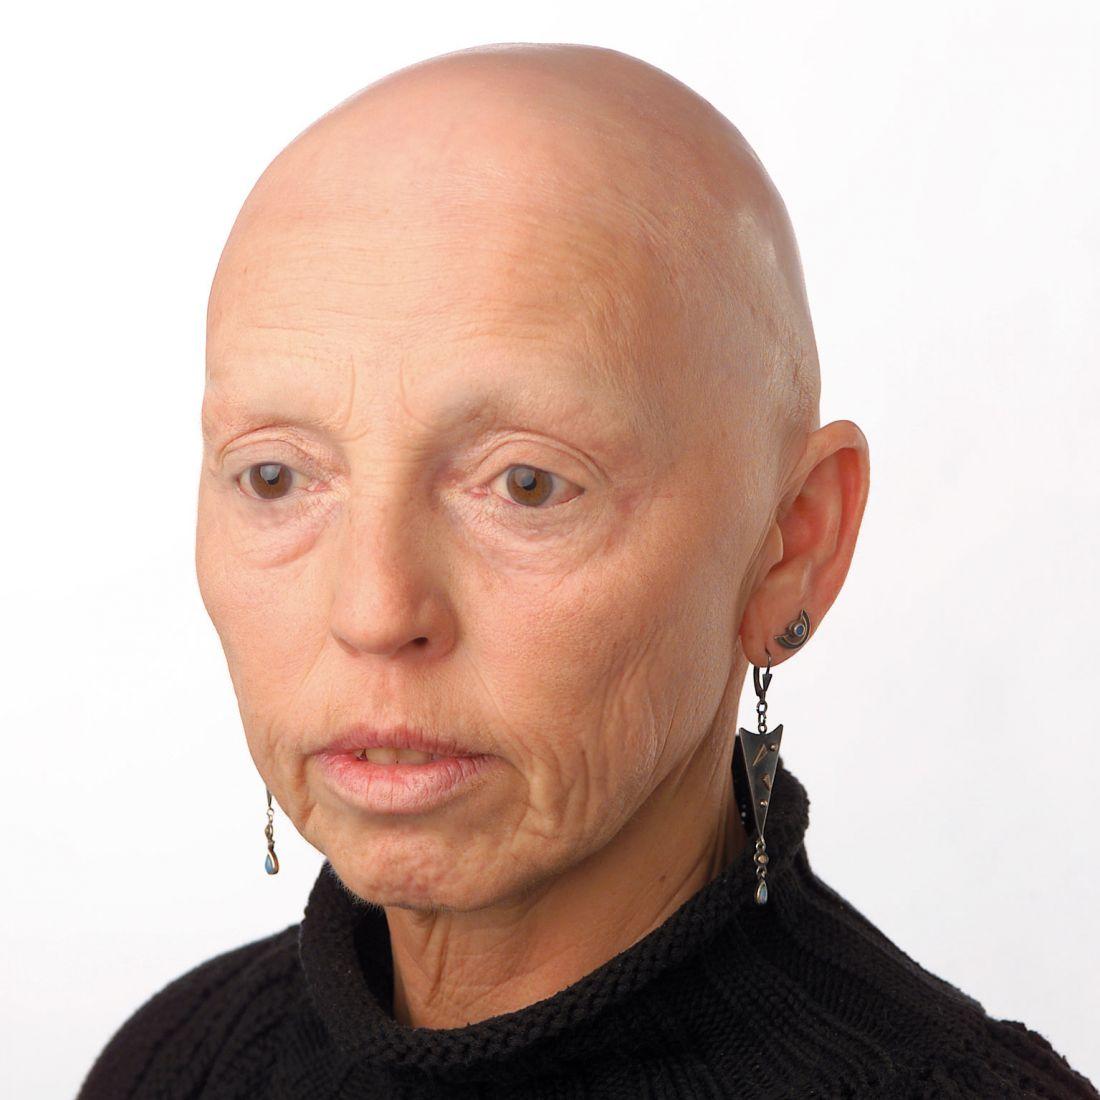 Haarlosigkeit nach Chemotherapie